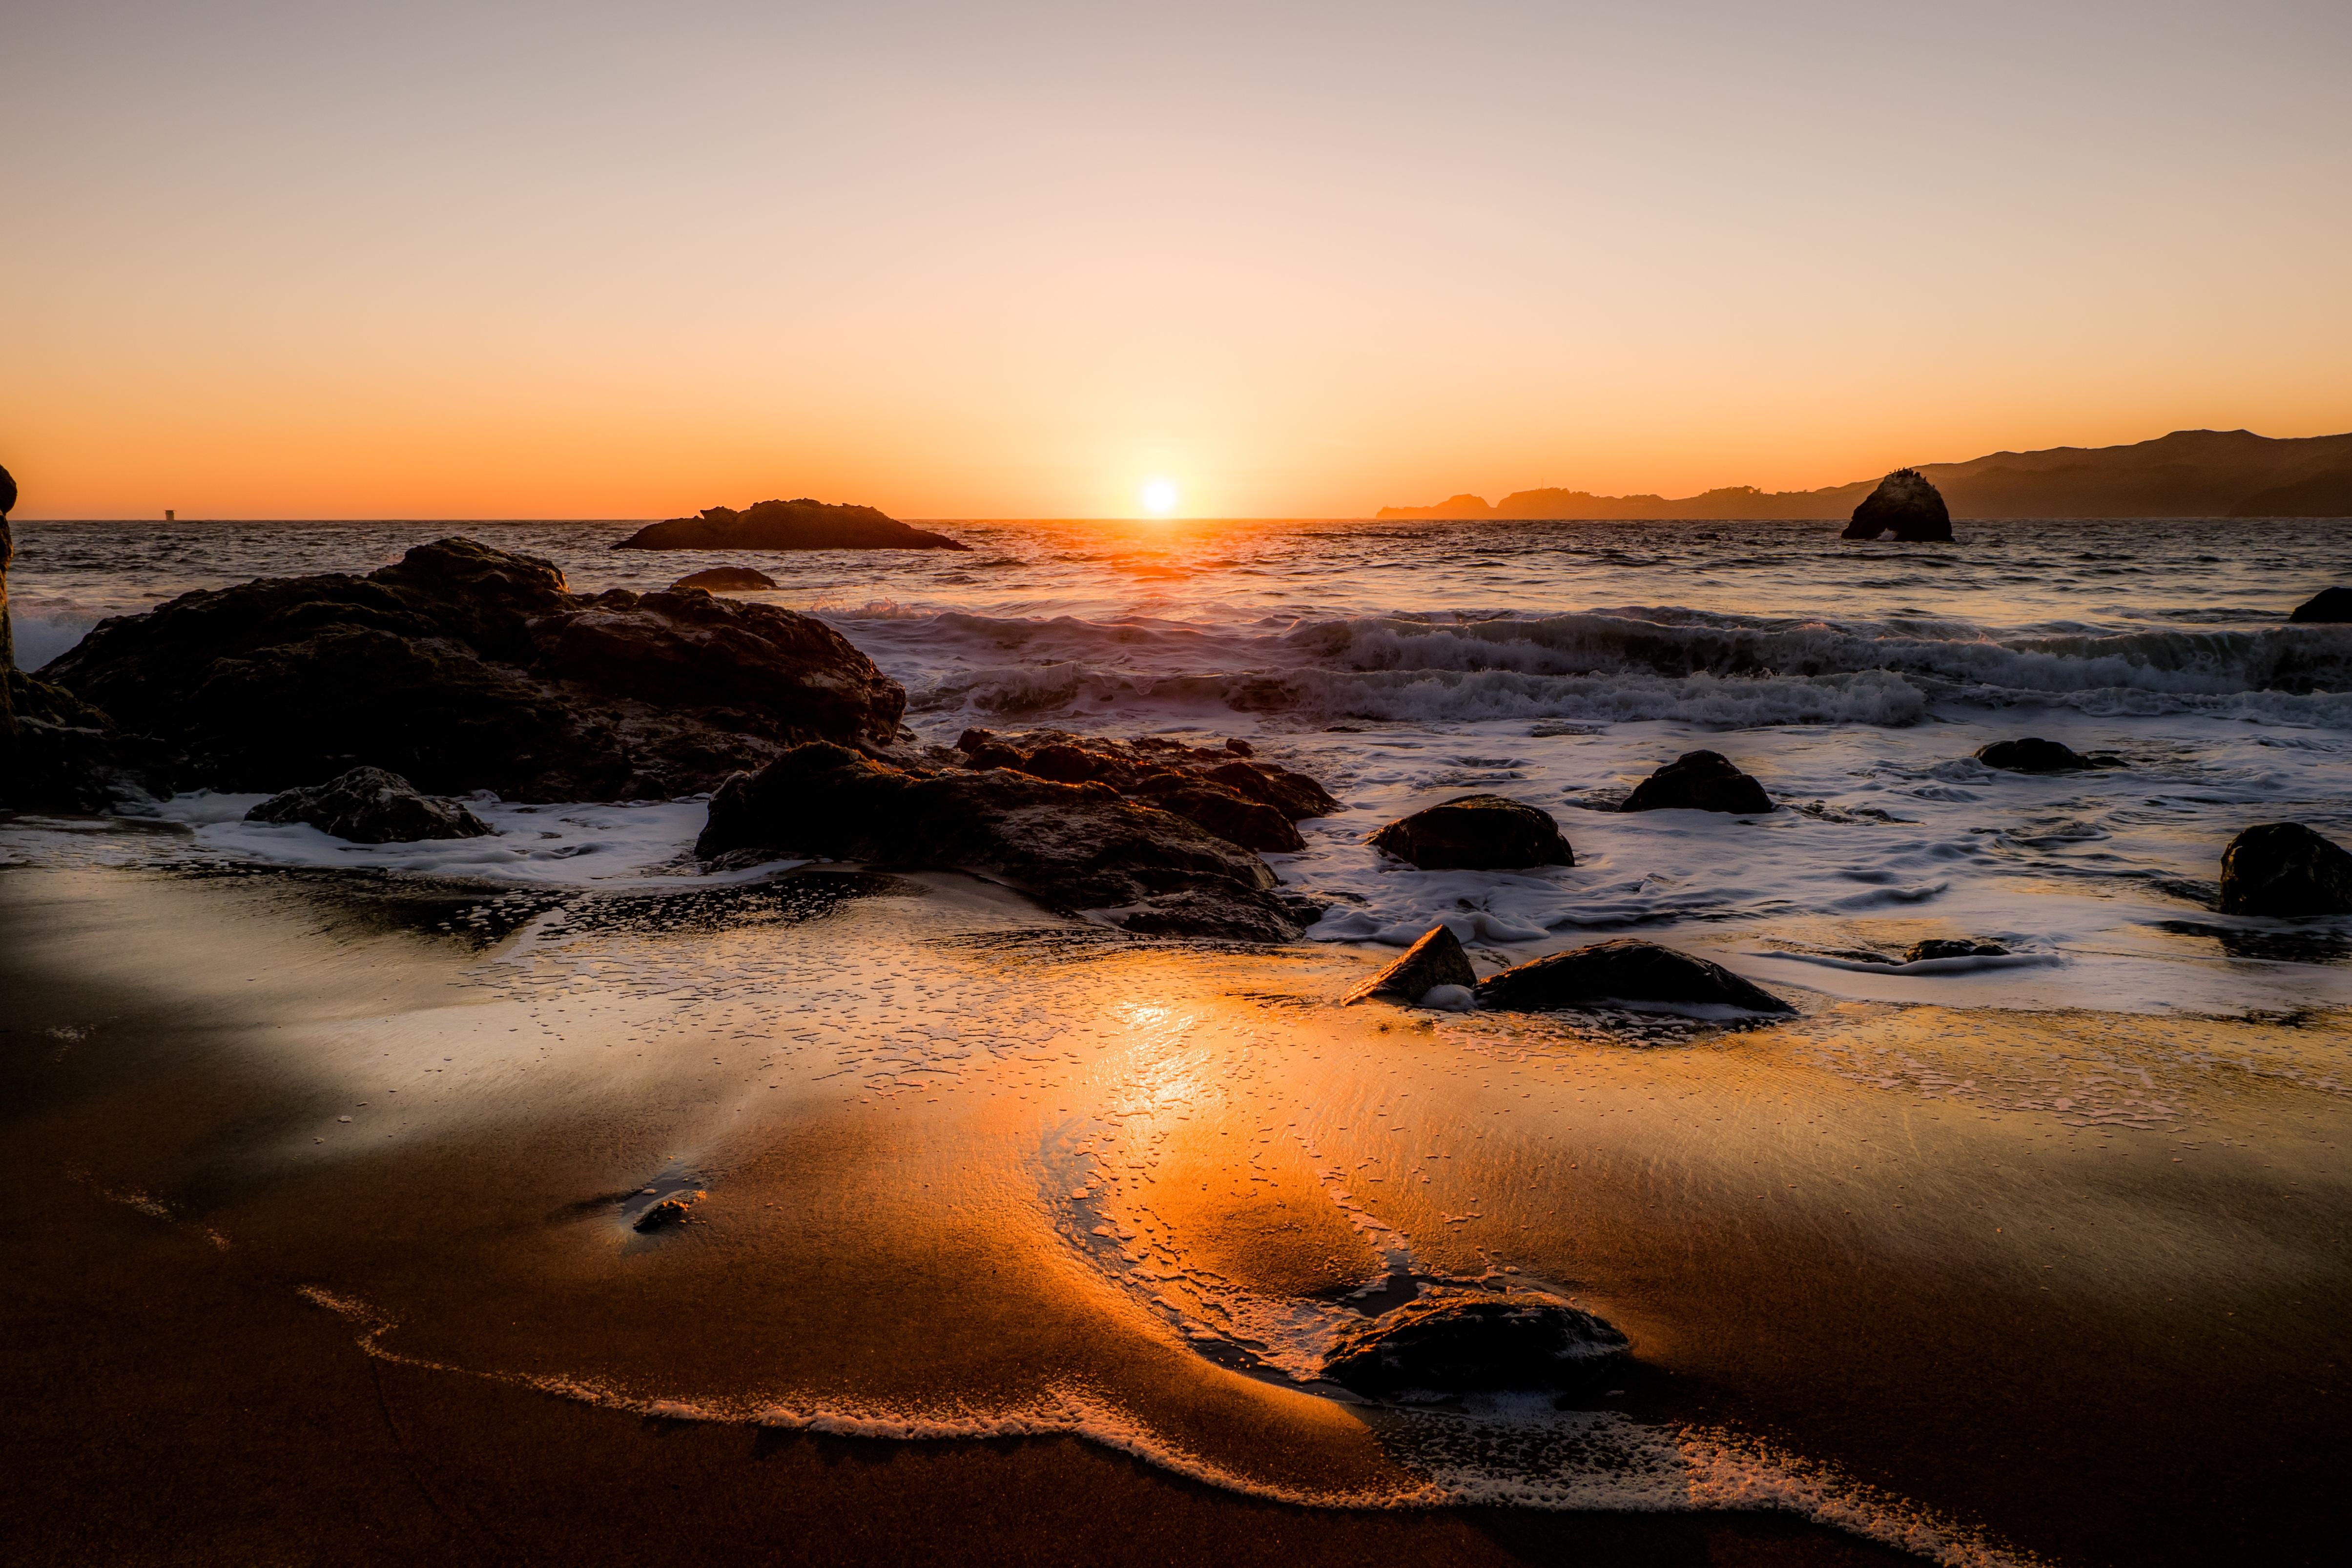 обработка картинки закат на берегу моря некоторых случаях сыпь